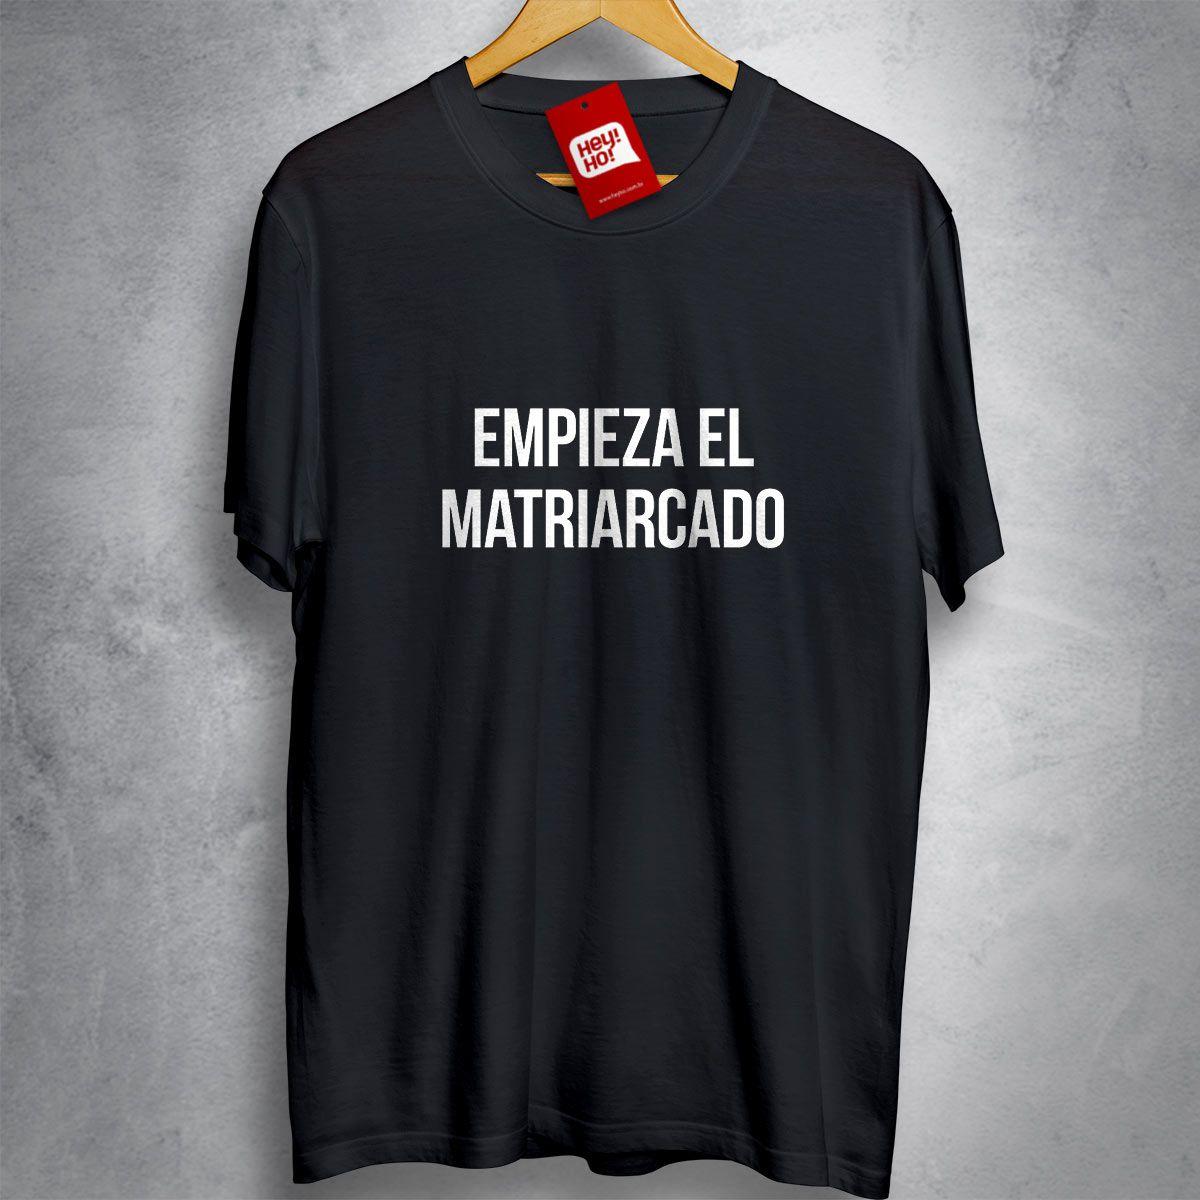 OFERTA - LA CASA DE PAPEL - Empieza el Matriarcado - CAMISETA PRETA - Tamanho M